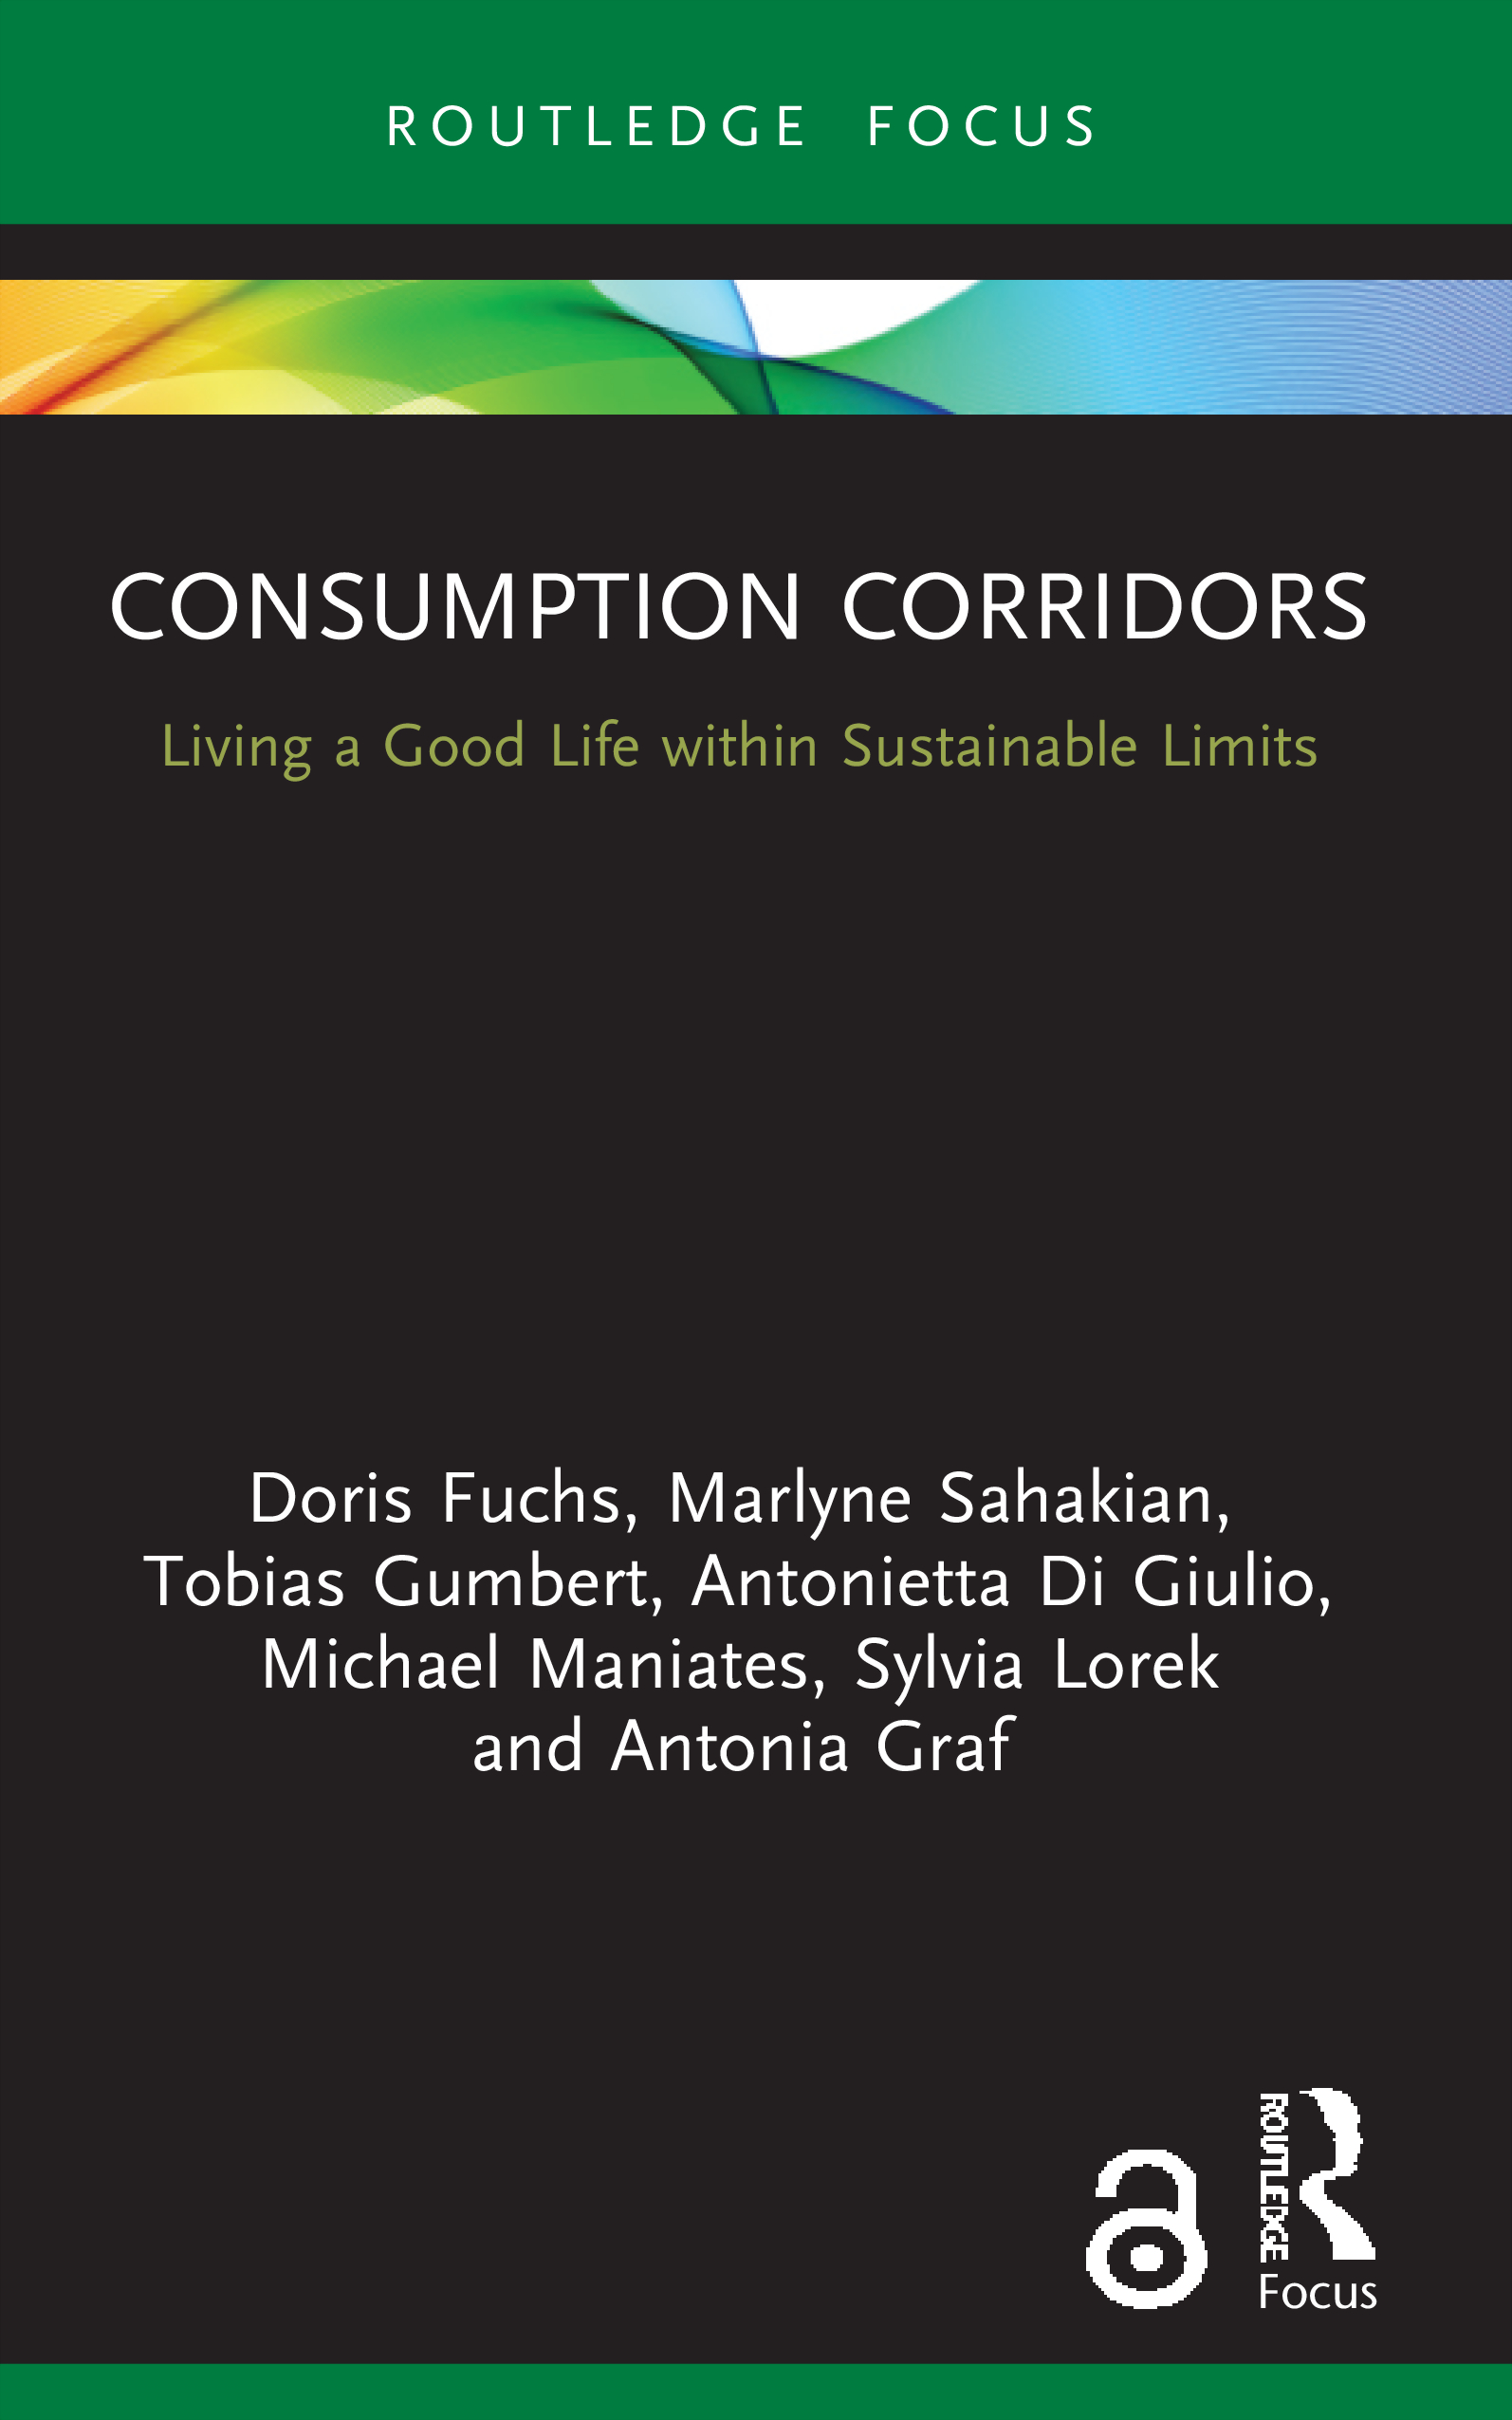 Consumption Corridors